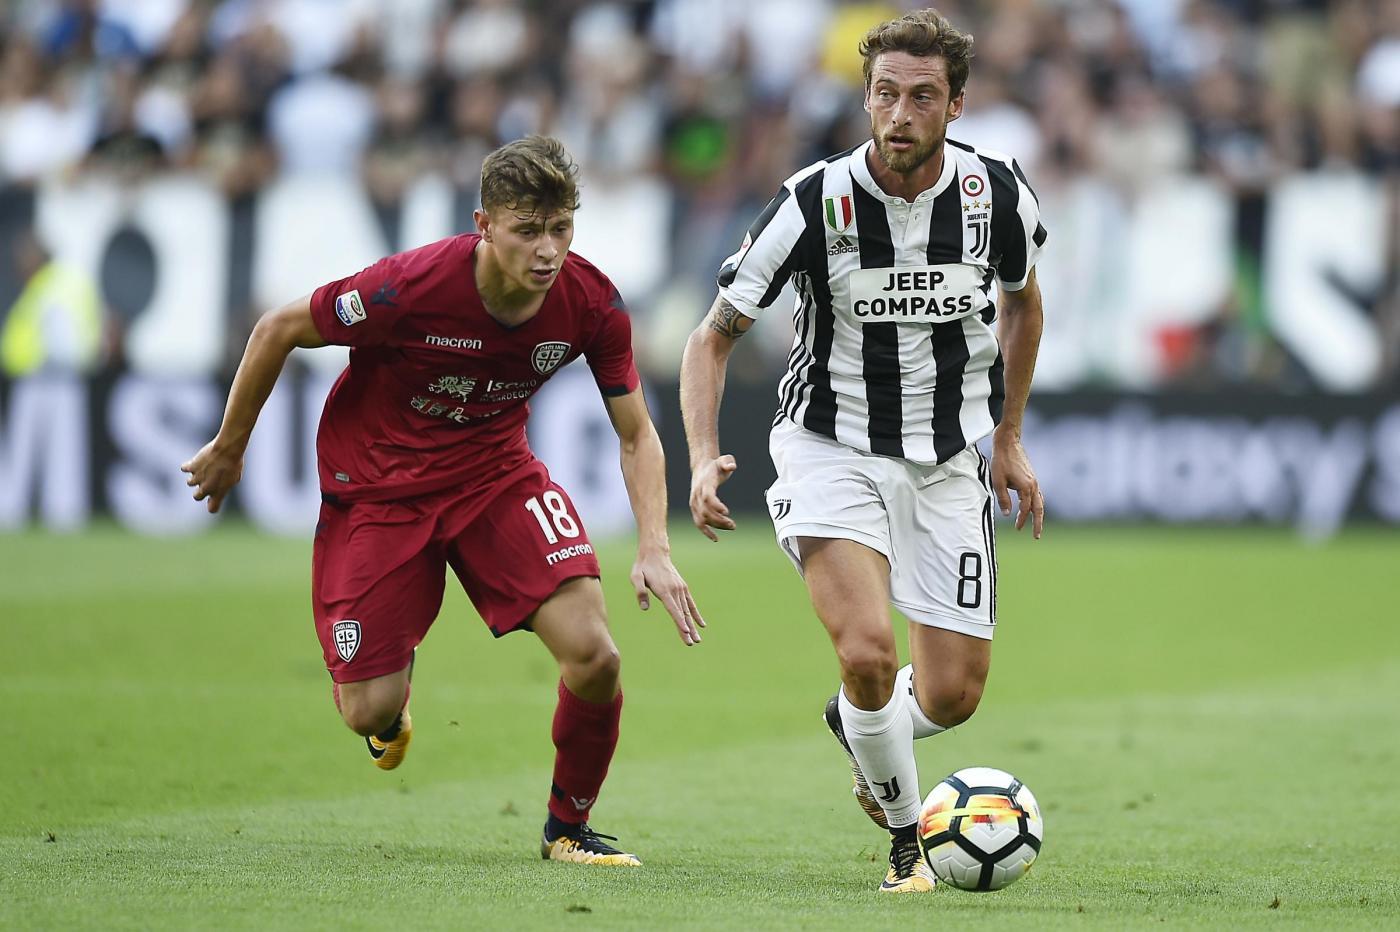 Calciomercato Juventus, anche Marchisio può dire addio: destinazione Chelsea?